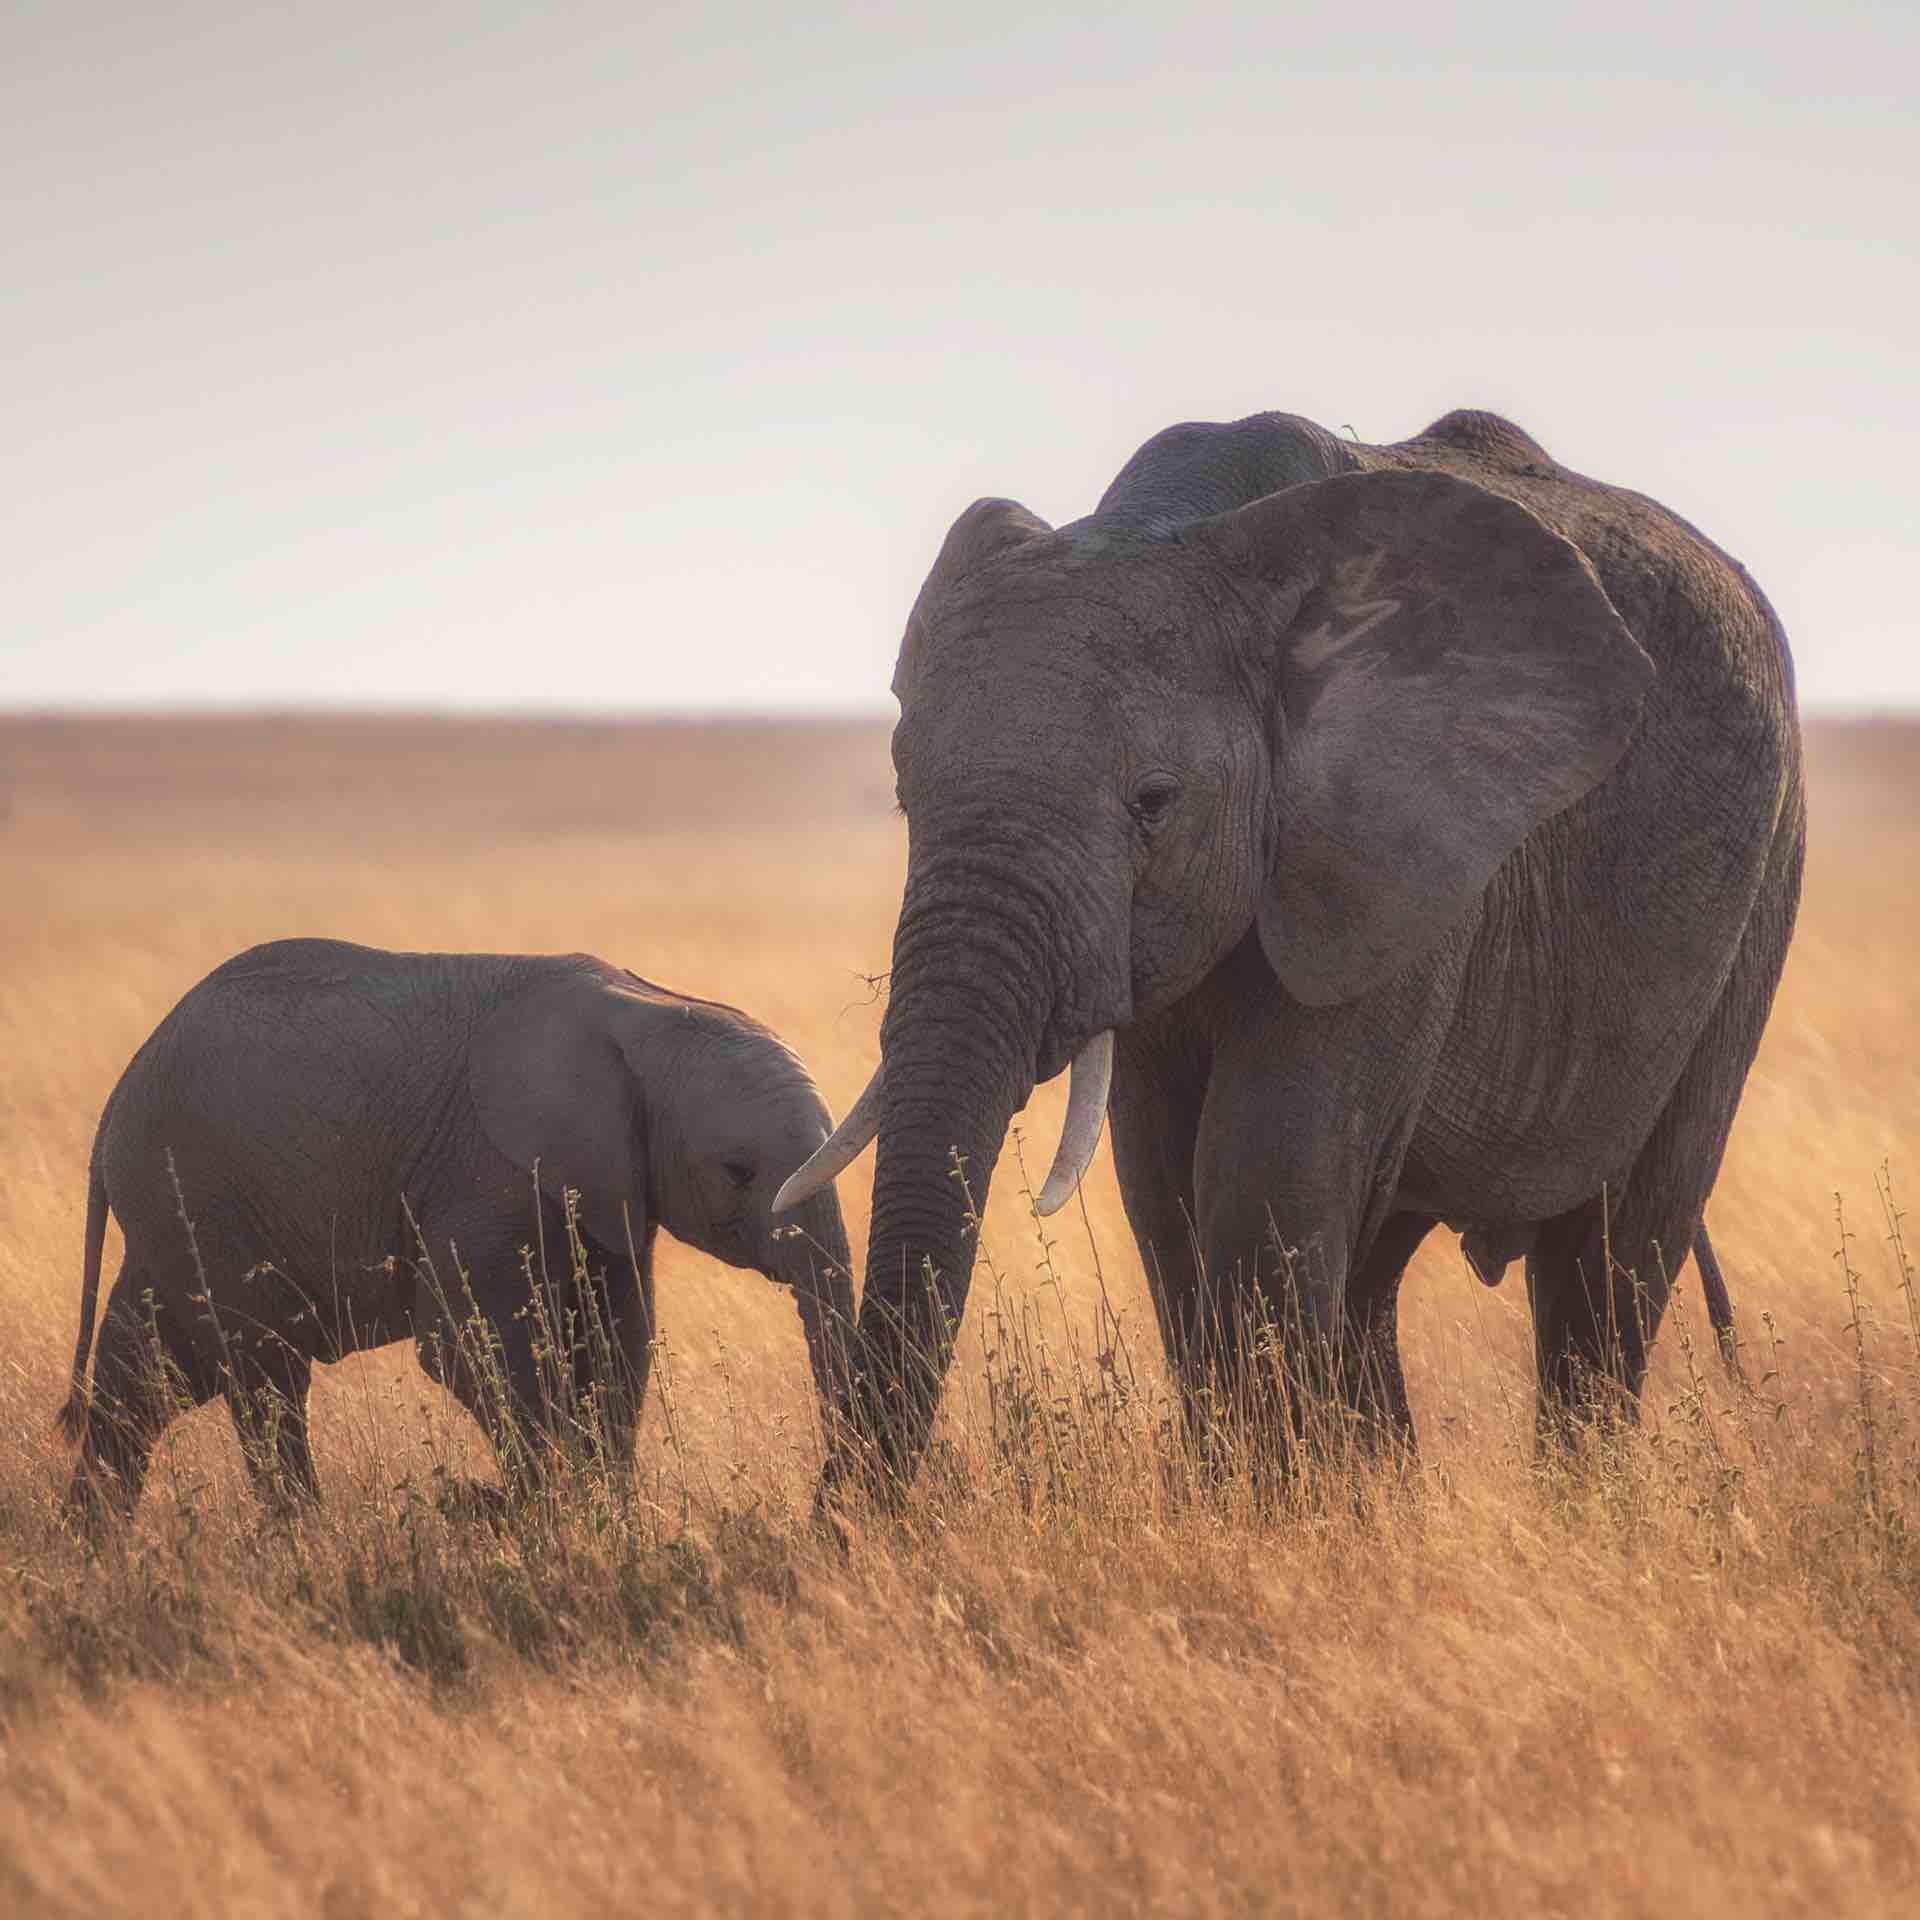 elephants in a corn field